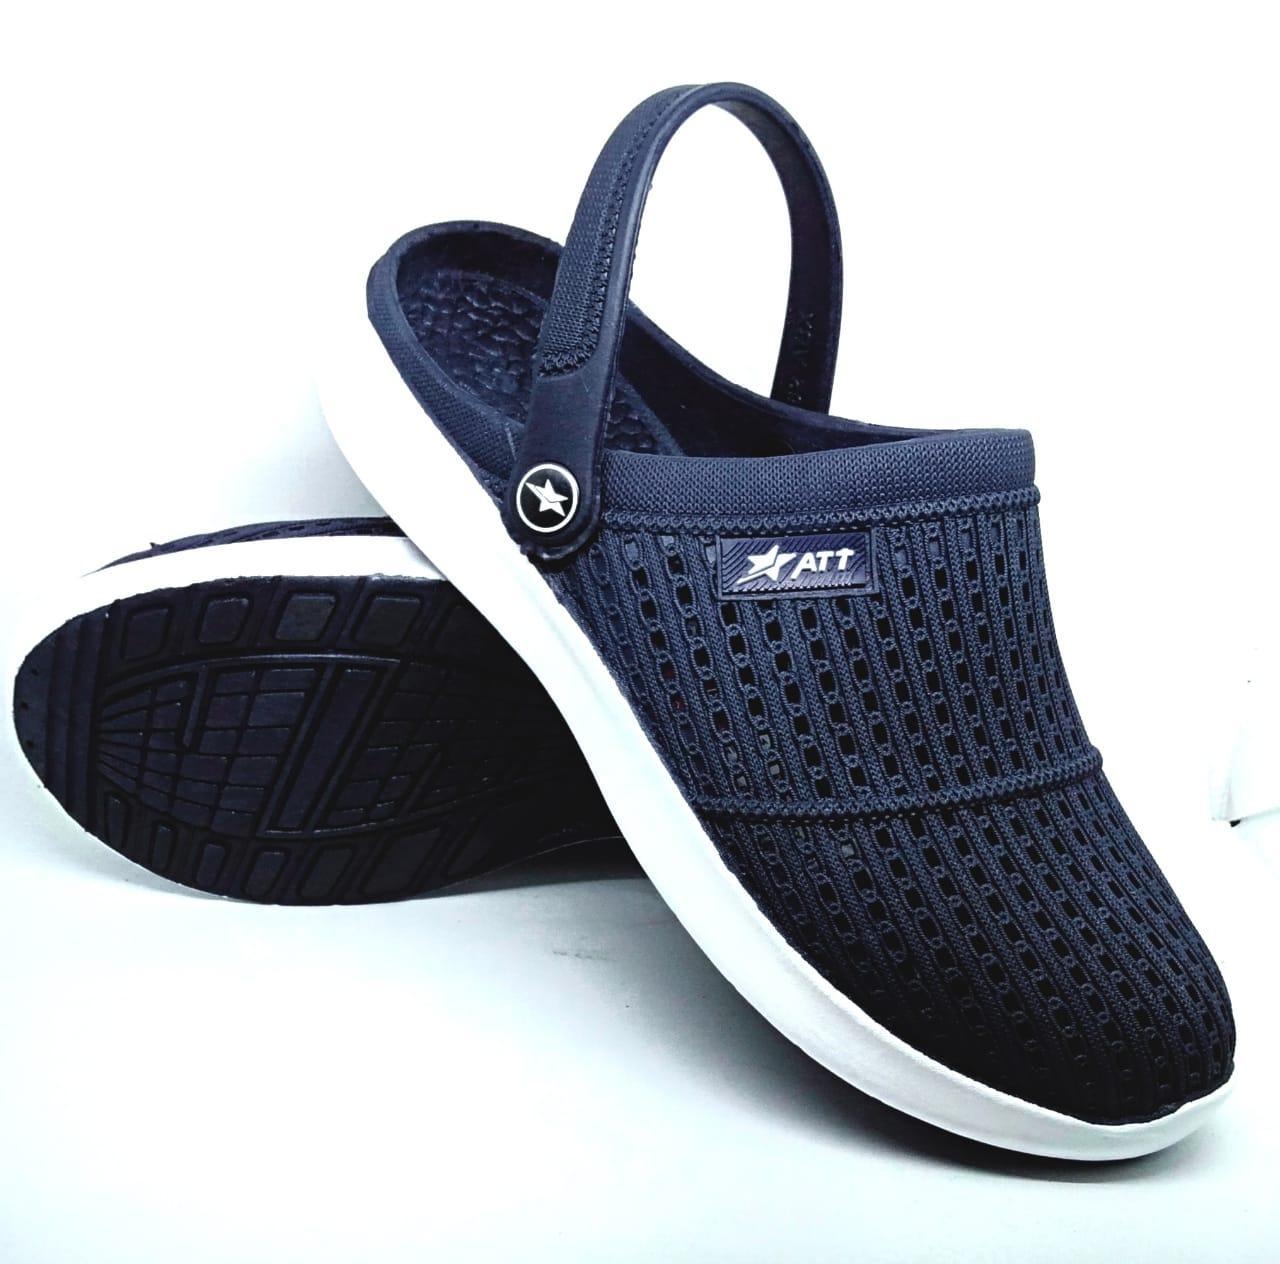 Jual Sandal Pria Pro Att Terbaru Lazada Co Id